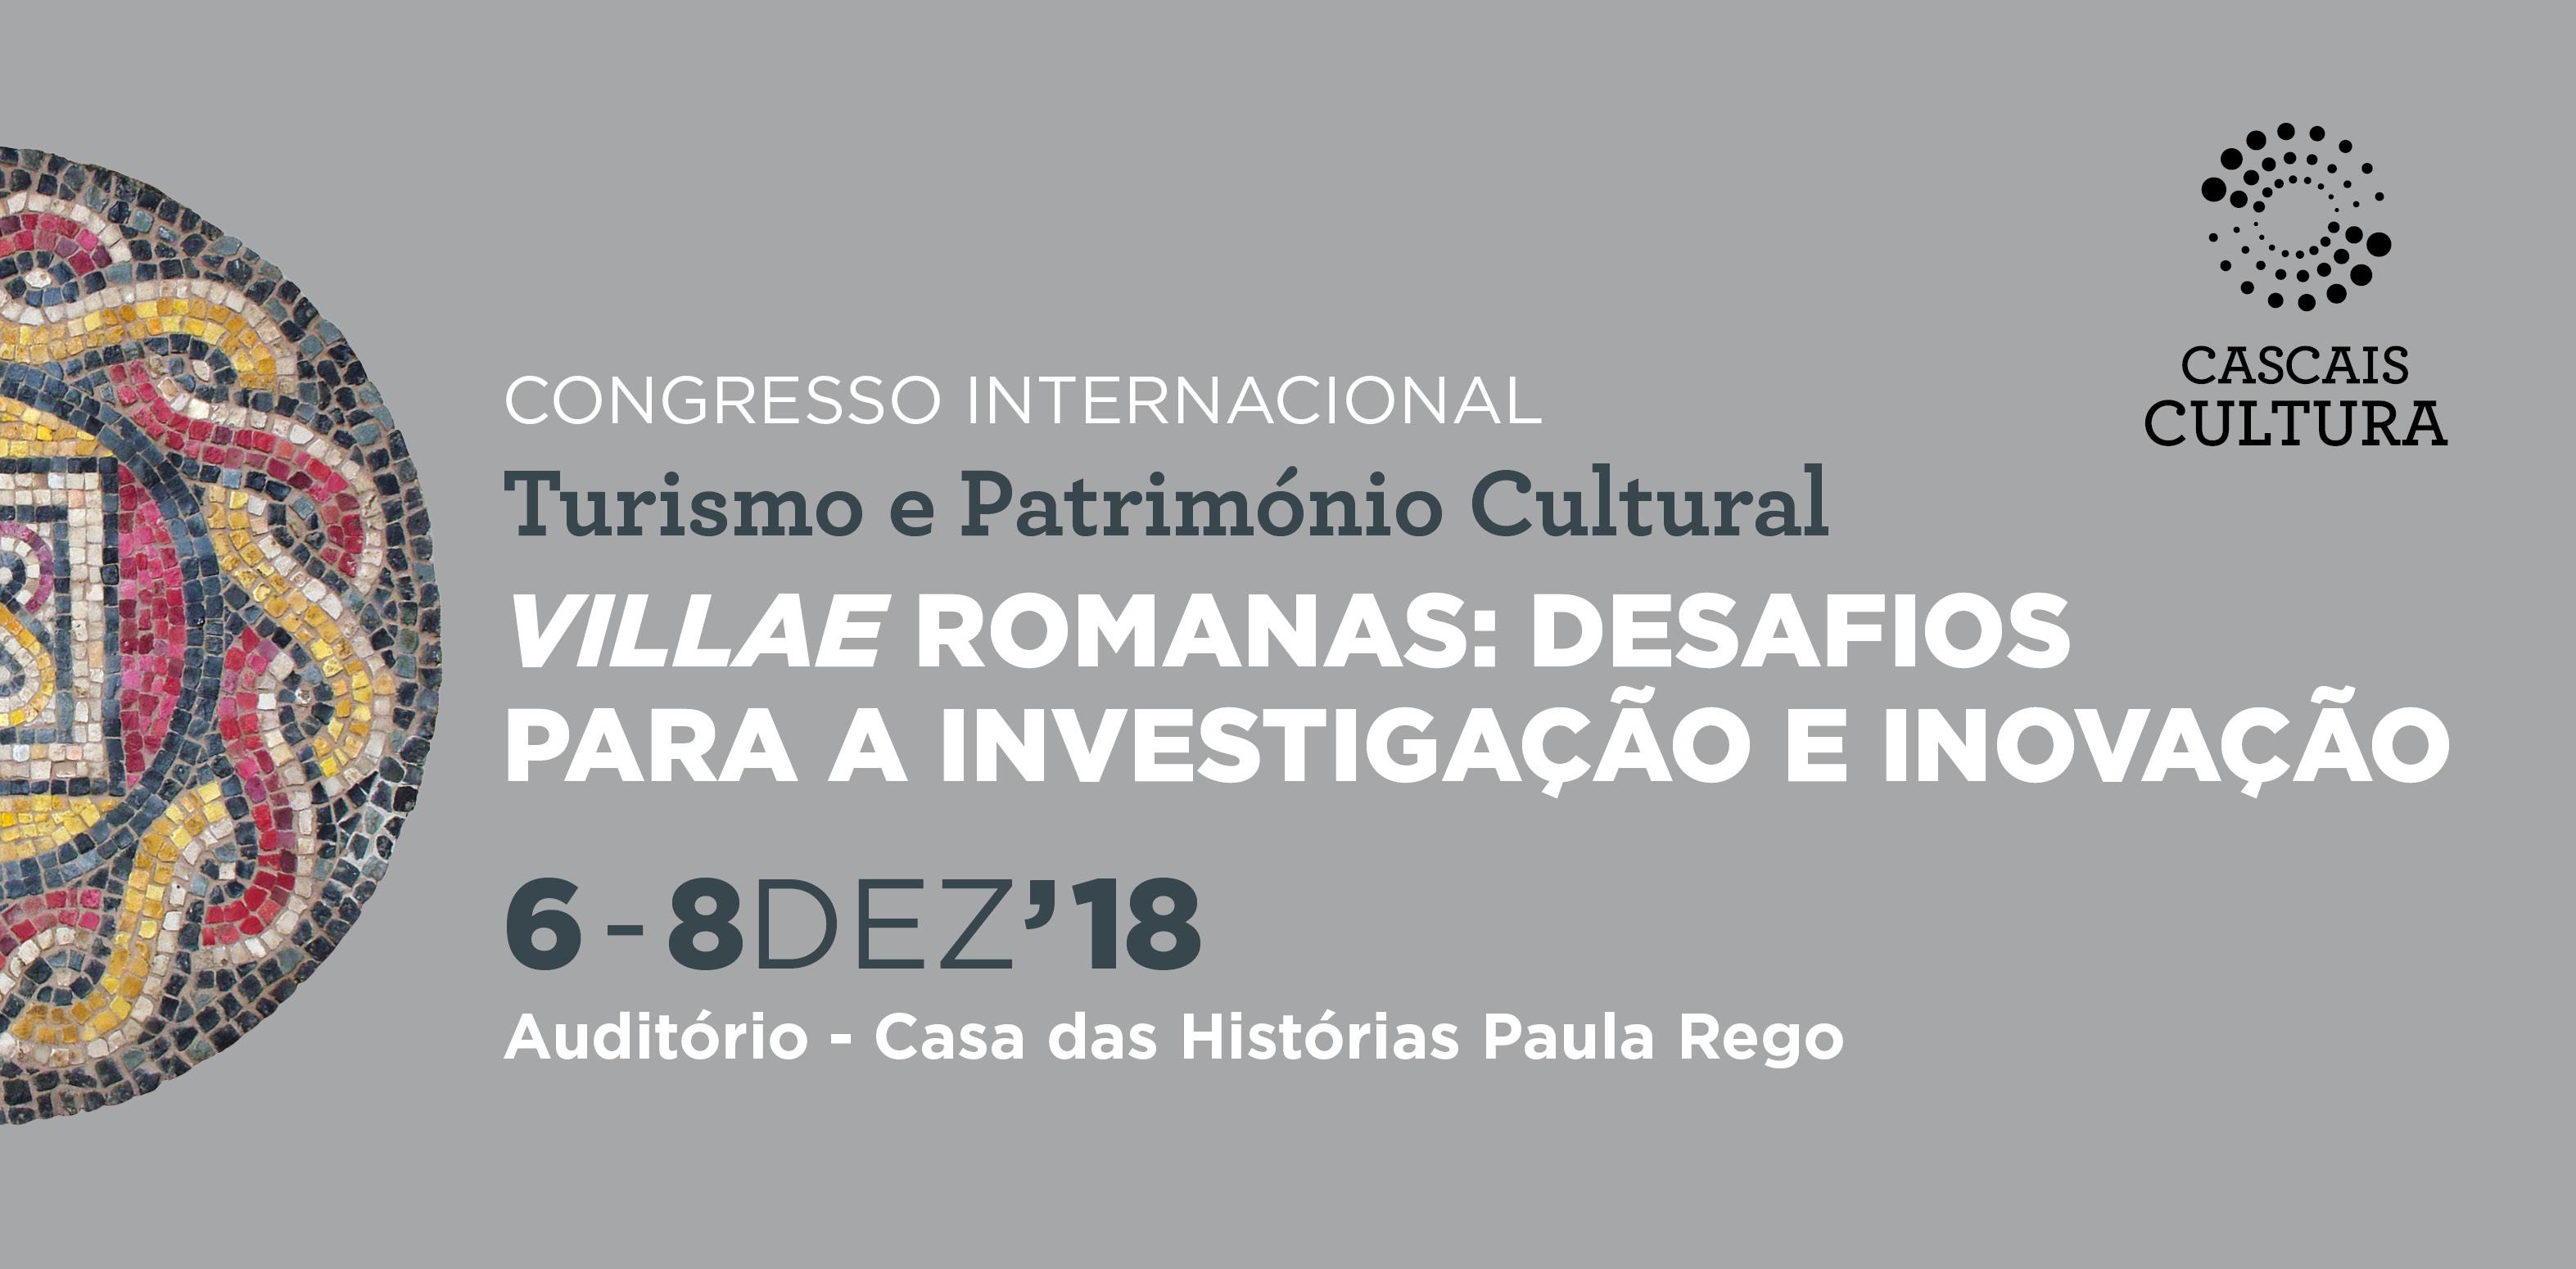 Congresso Internacional: Turismo e Património Cultural | Villae Romanas: Desafios Para A Investigação E Inovação